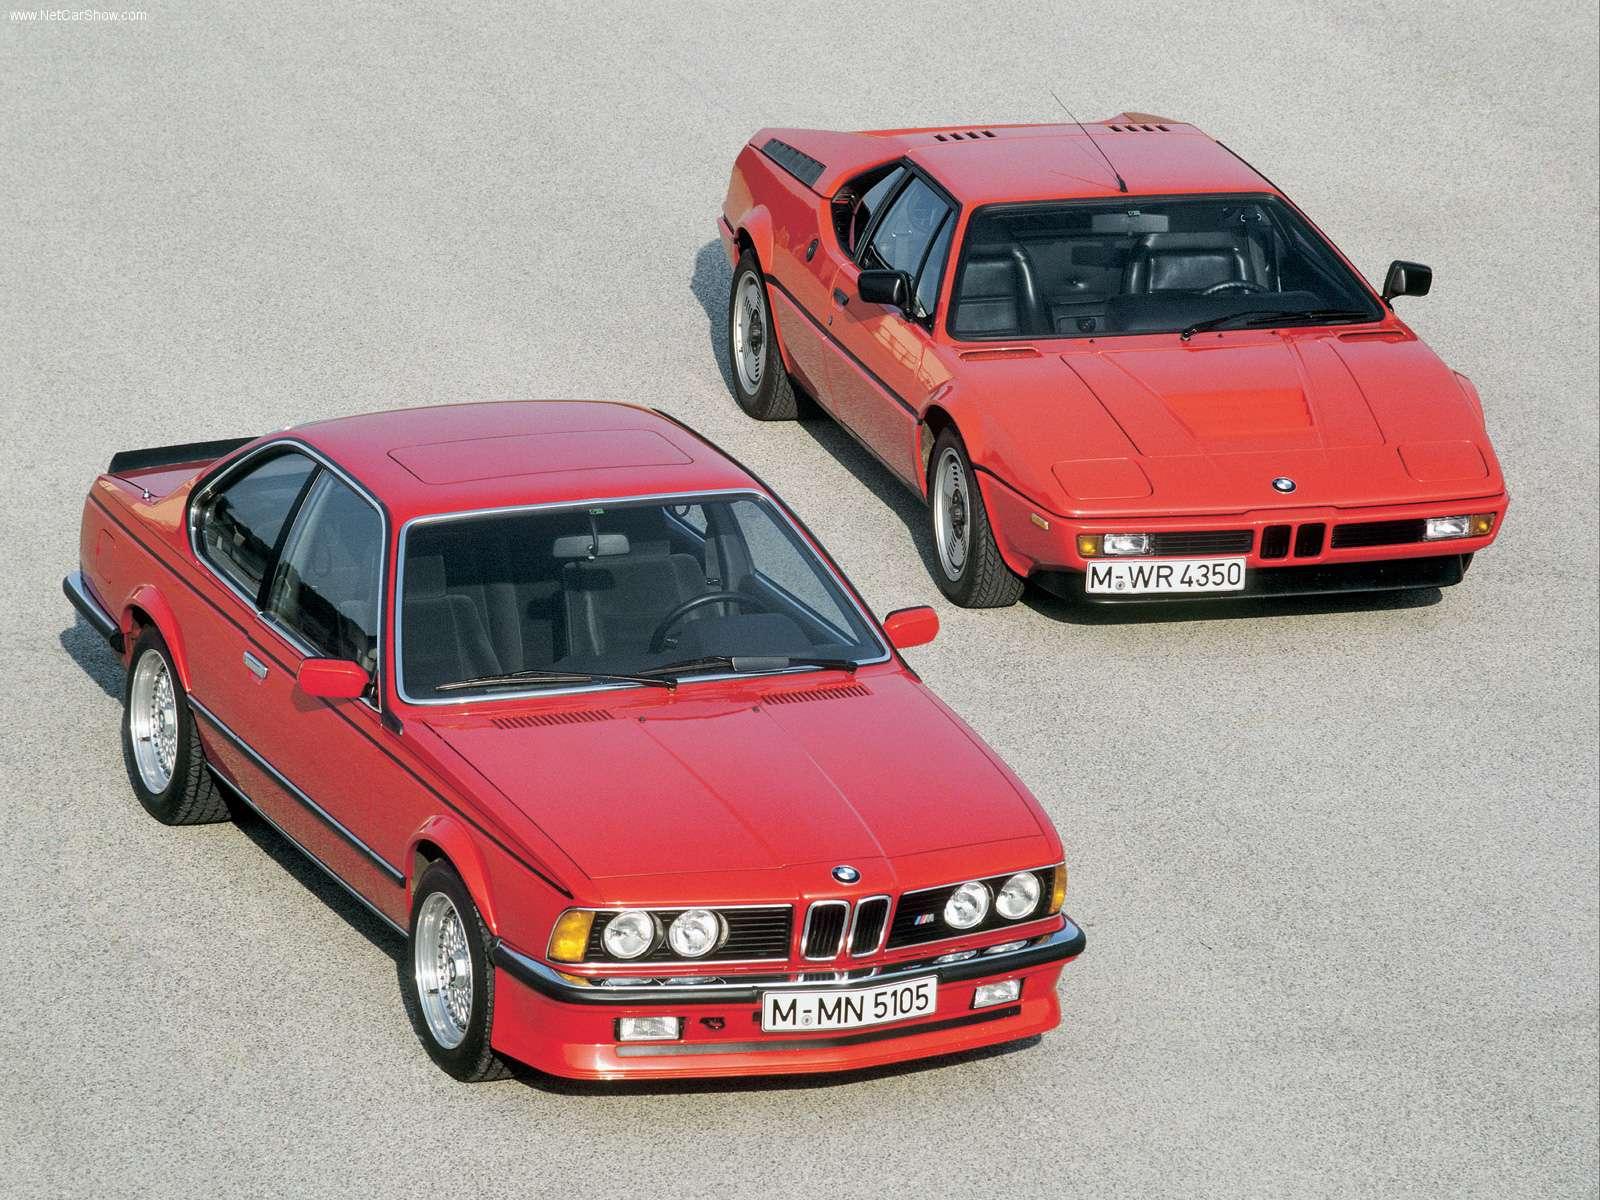 M635 CSi fikk motoren fra legendariske M1.